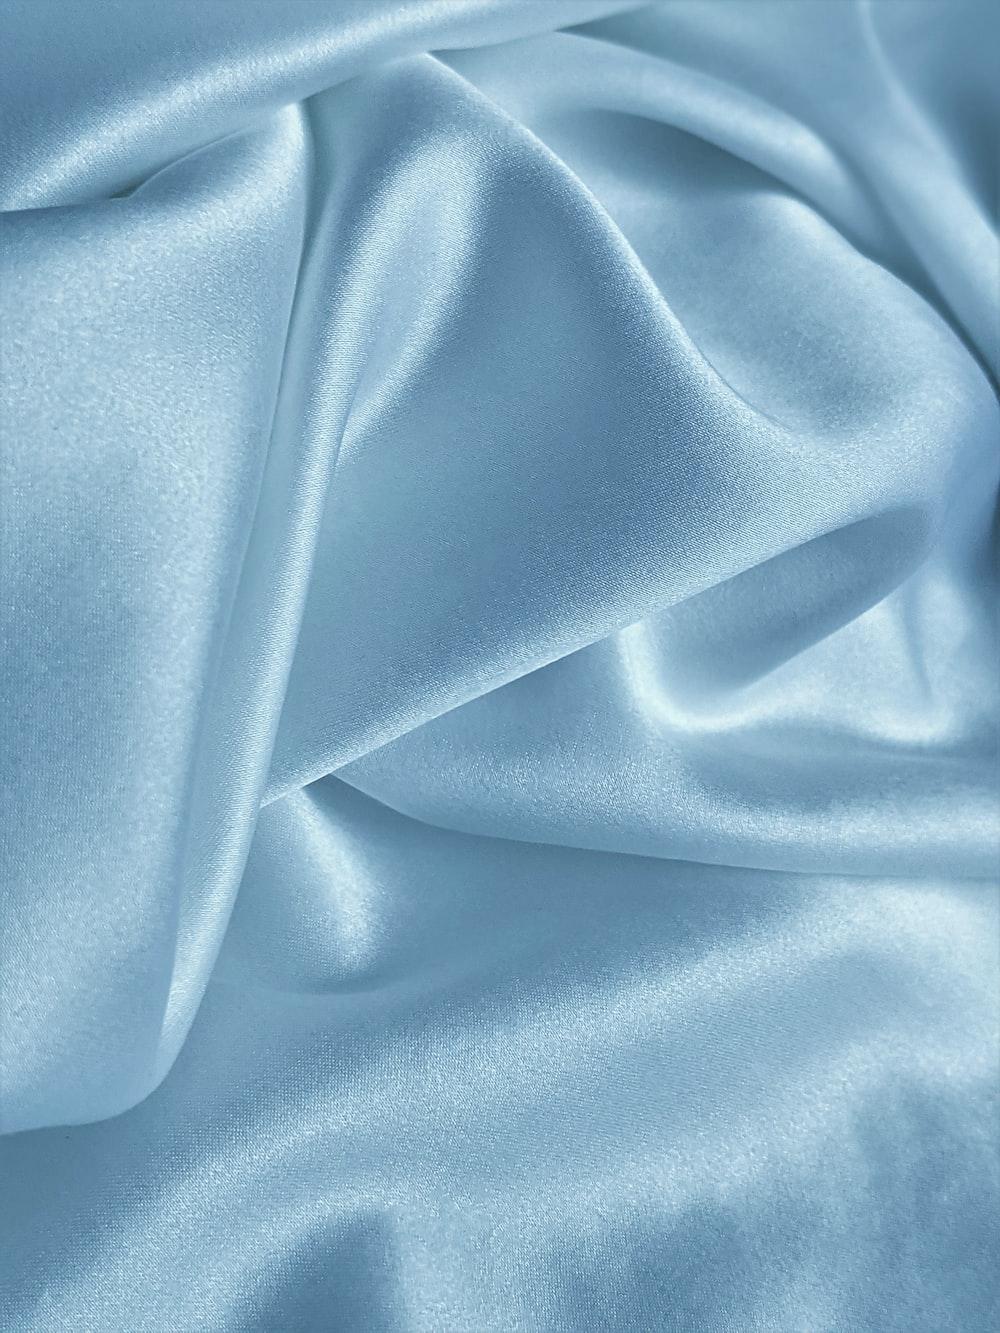 blue textile on white textile